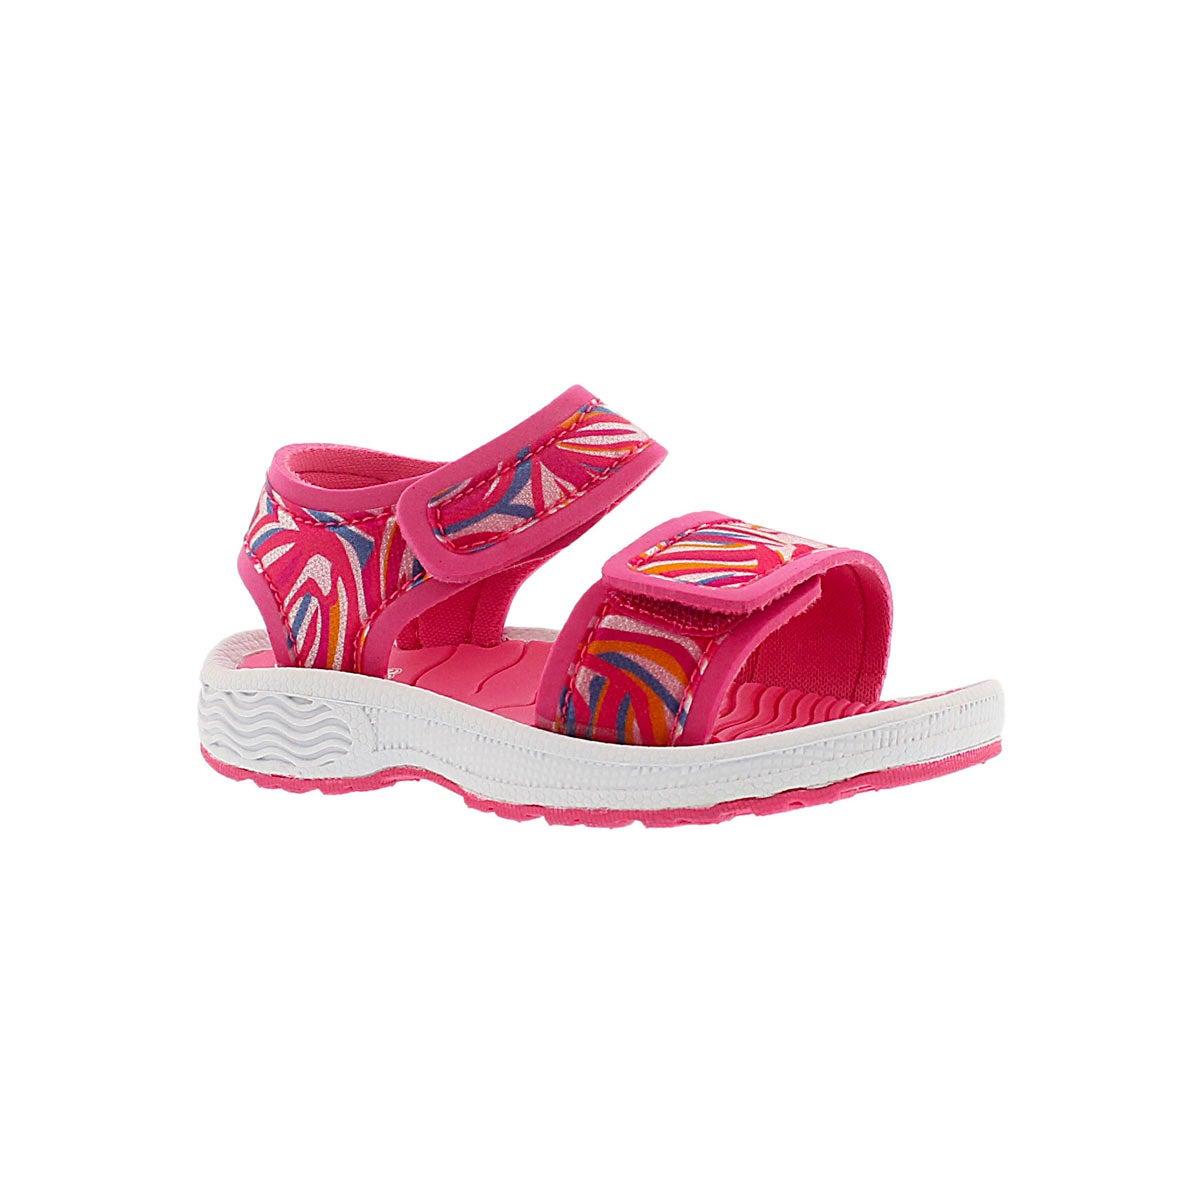 Sandale sport Eveline, rose, bébés